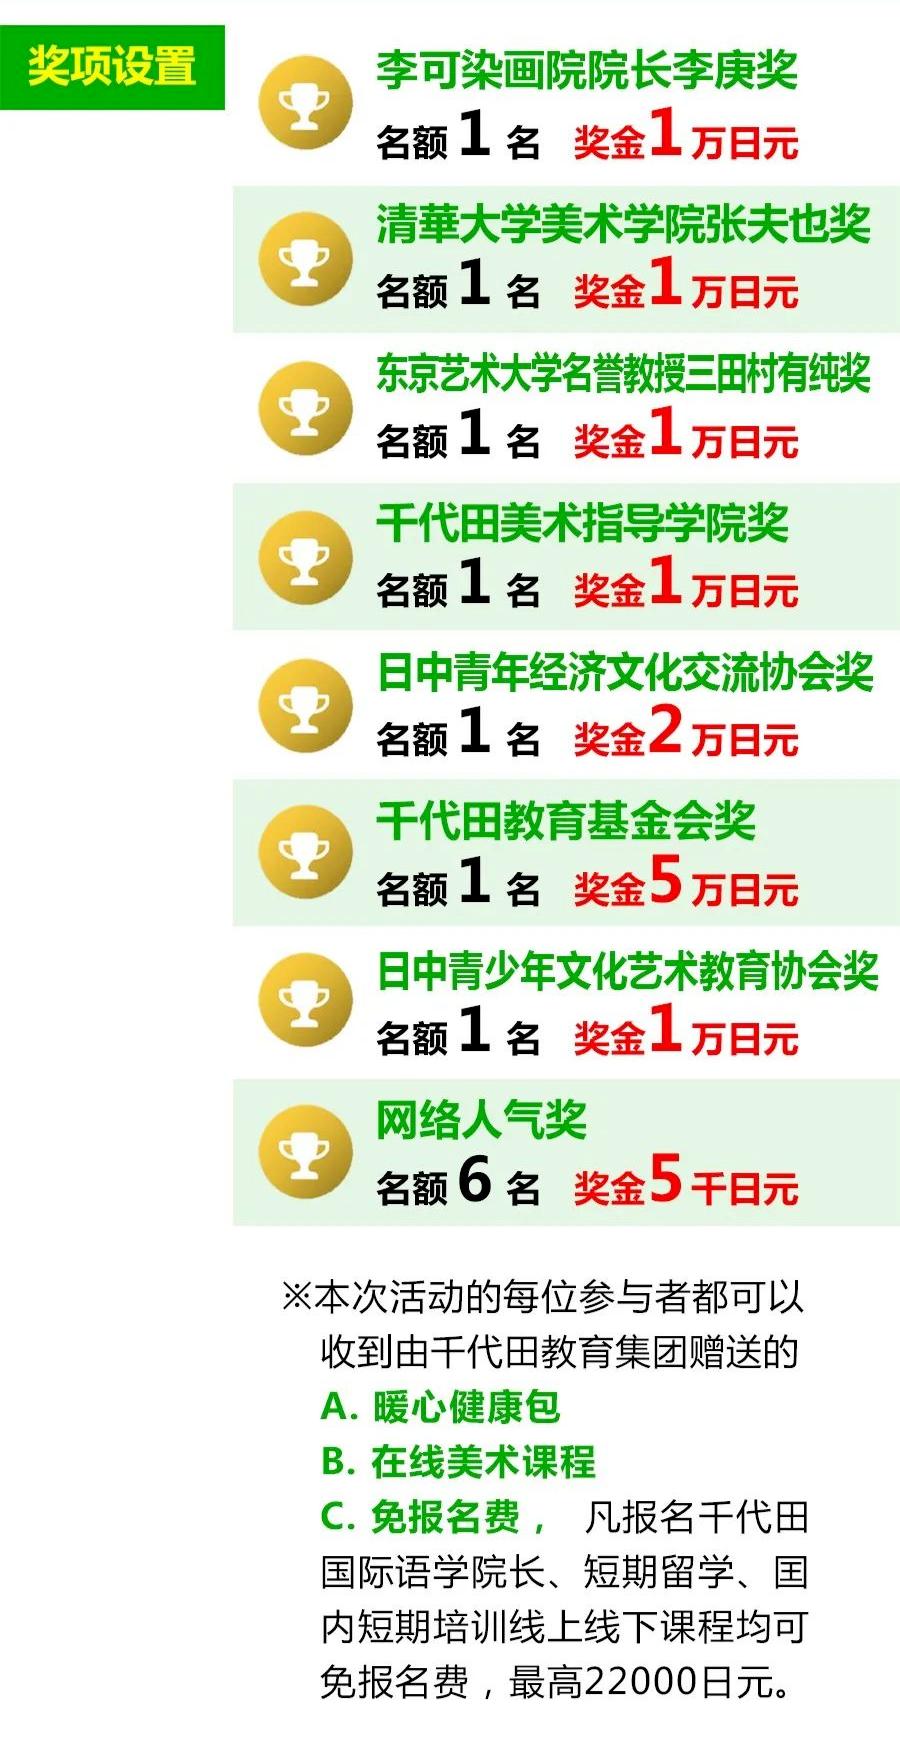 千代田新闻|获奖结果揭晓!疫·艺·翼 2020日中青年在线公益美术展获奖者名单